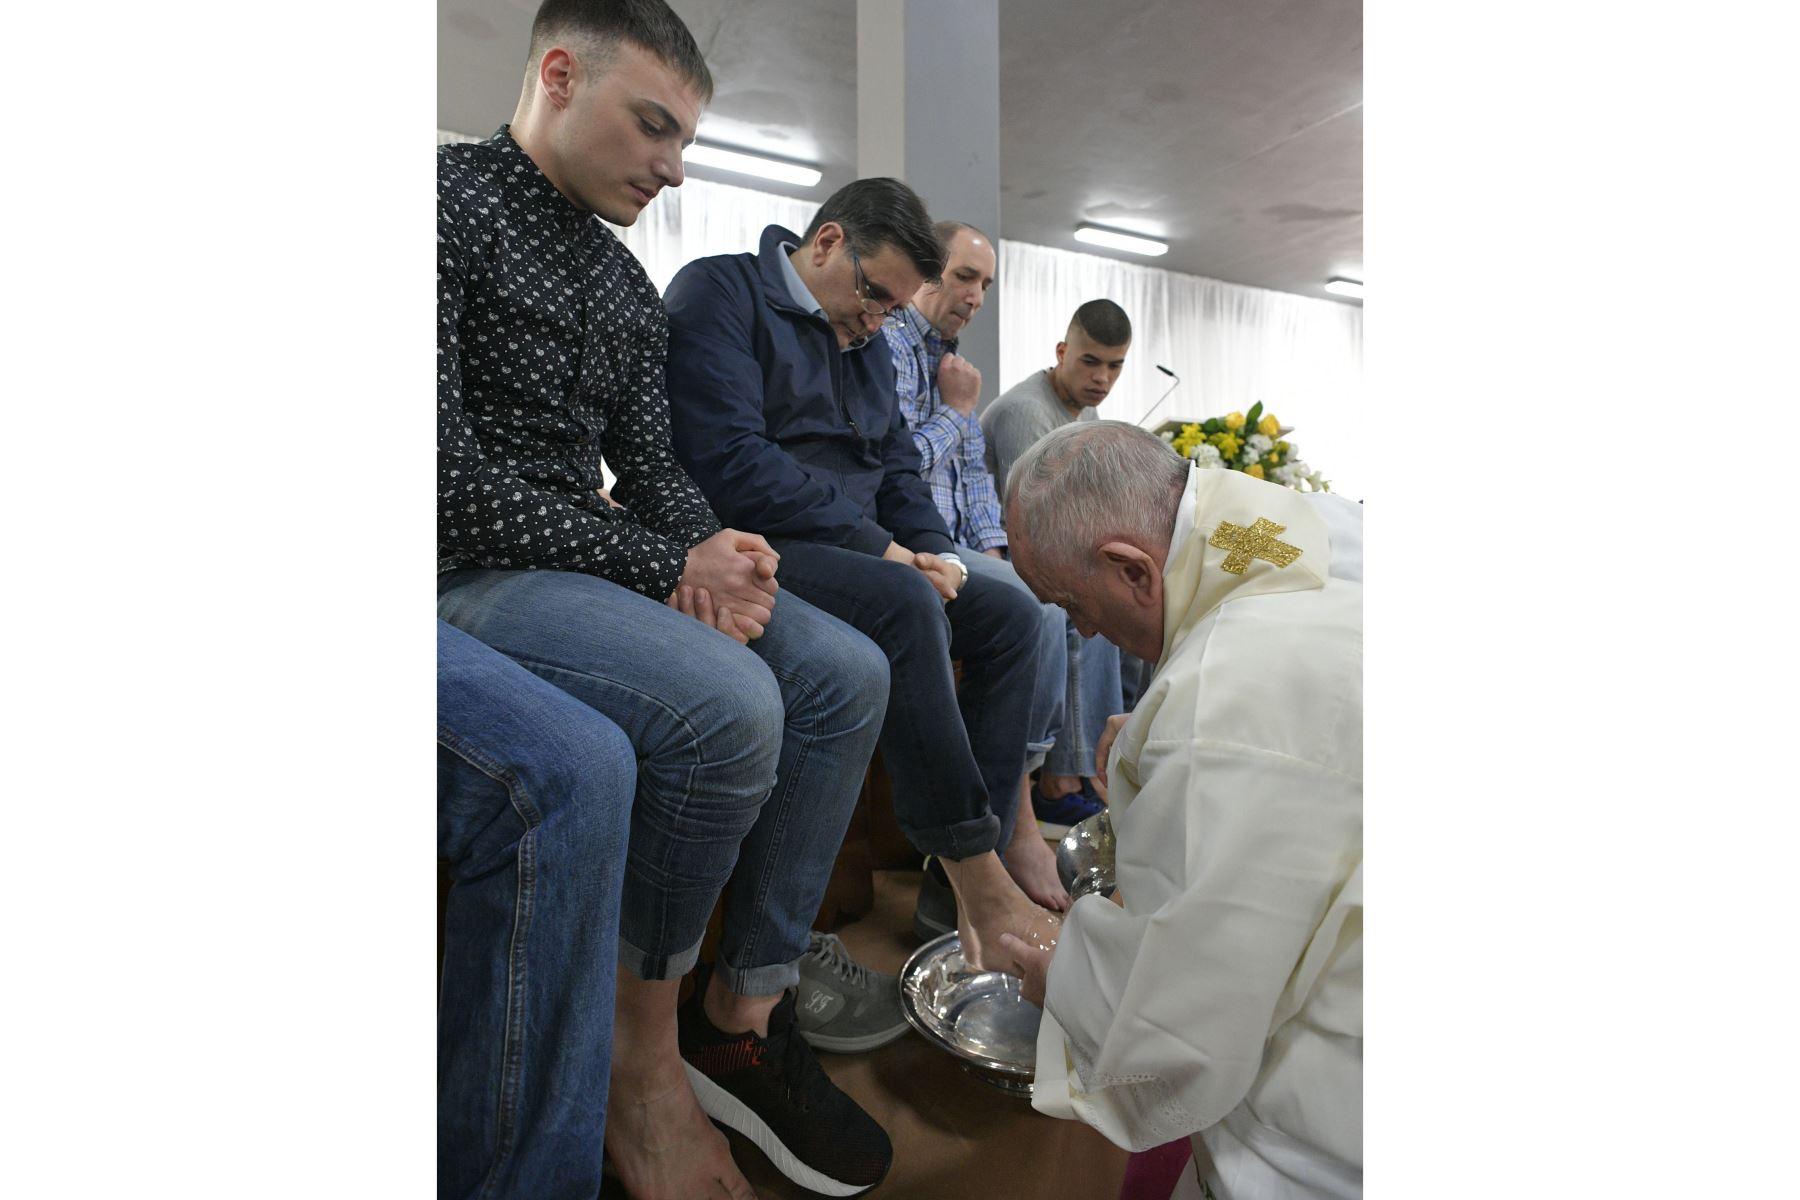 El papa Francisco lava los pies a los reclusos durante su visita a la prisión de Velletri, donde celebró una misa por el Jueves Santo en Roma, Italia. Foto: EFE